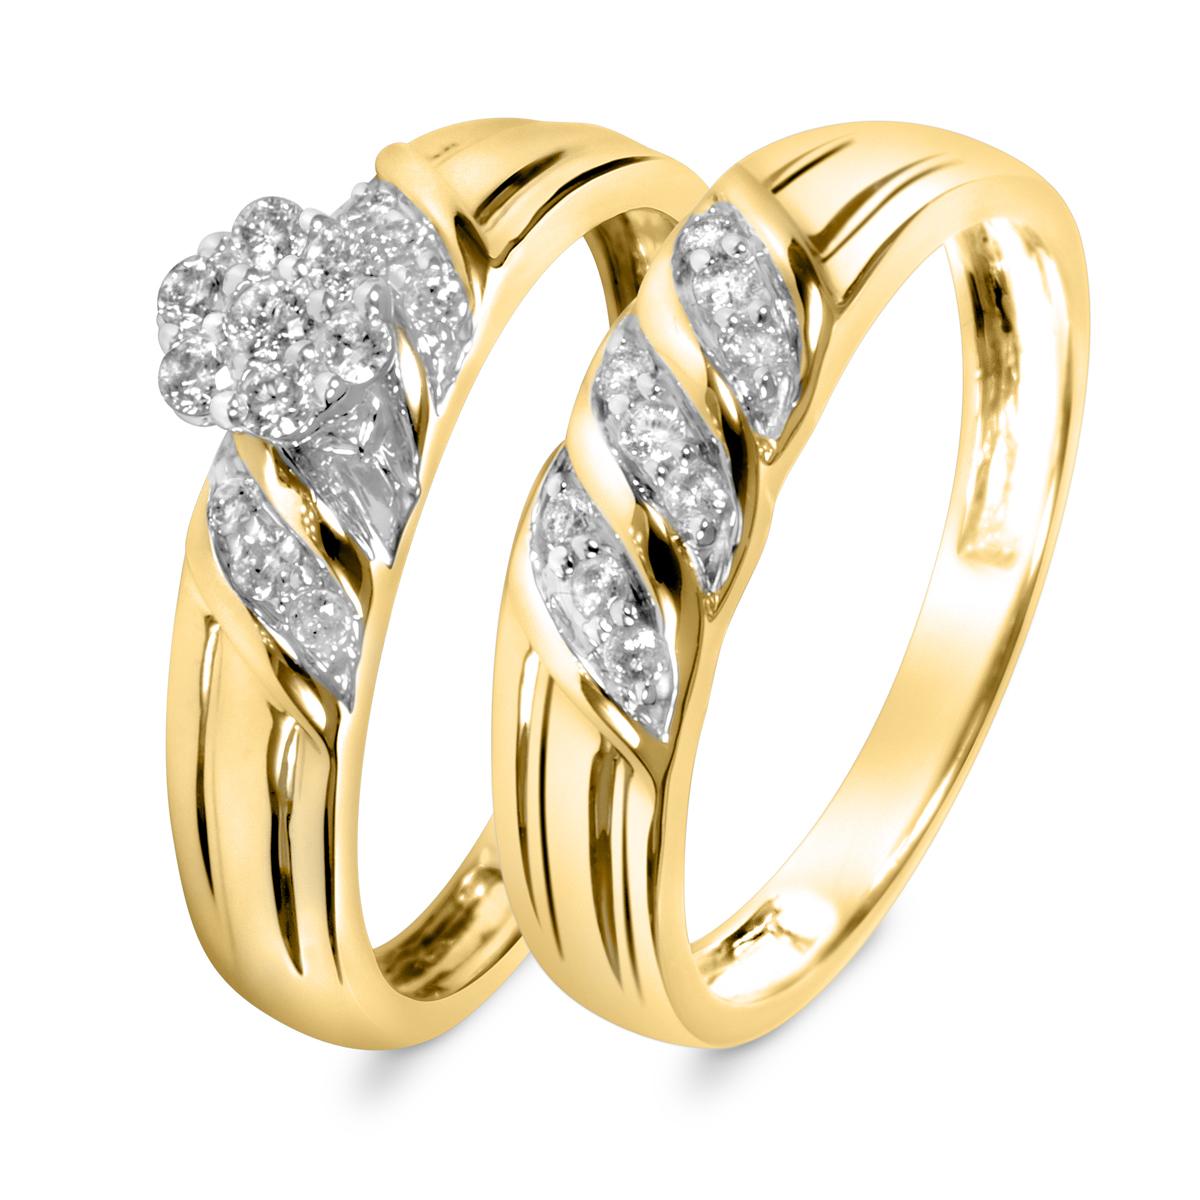 1/3 Carat T.W. Round Cut Diamond Ladies Bridal Wedding Ring Set 14K Yellow Gold